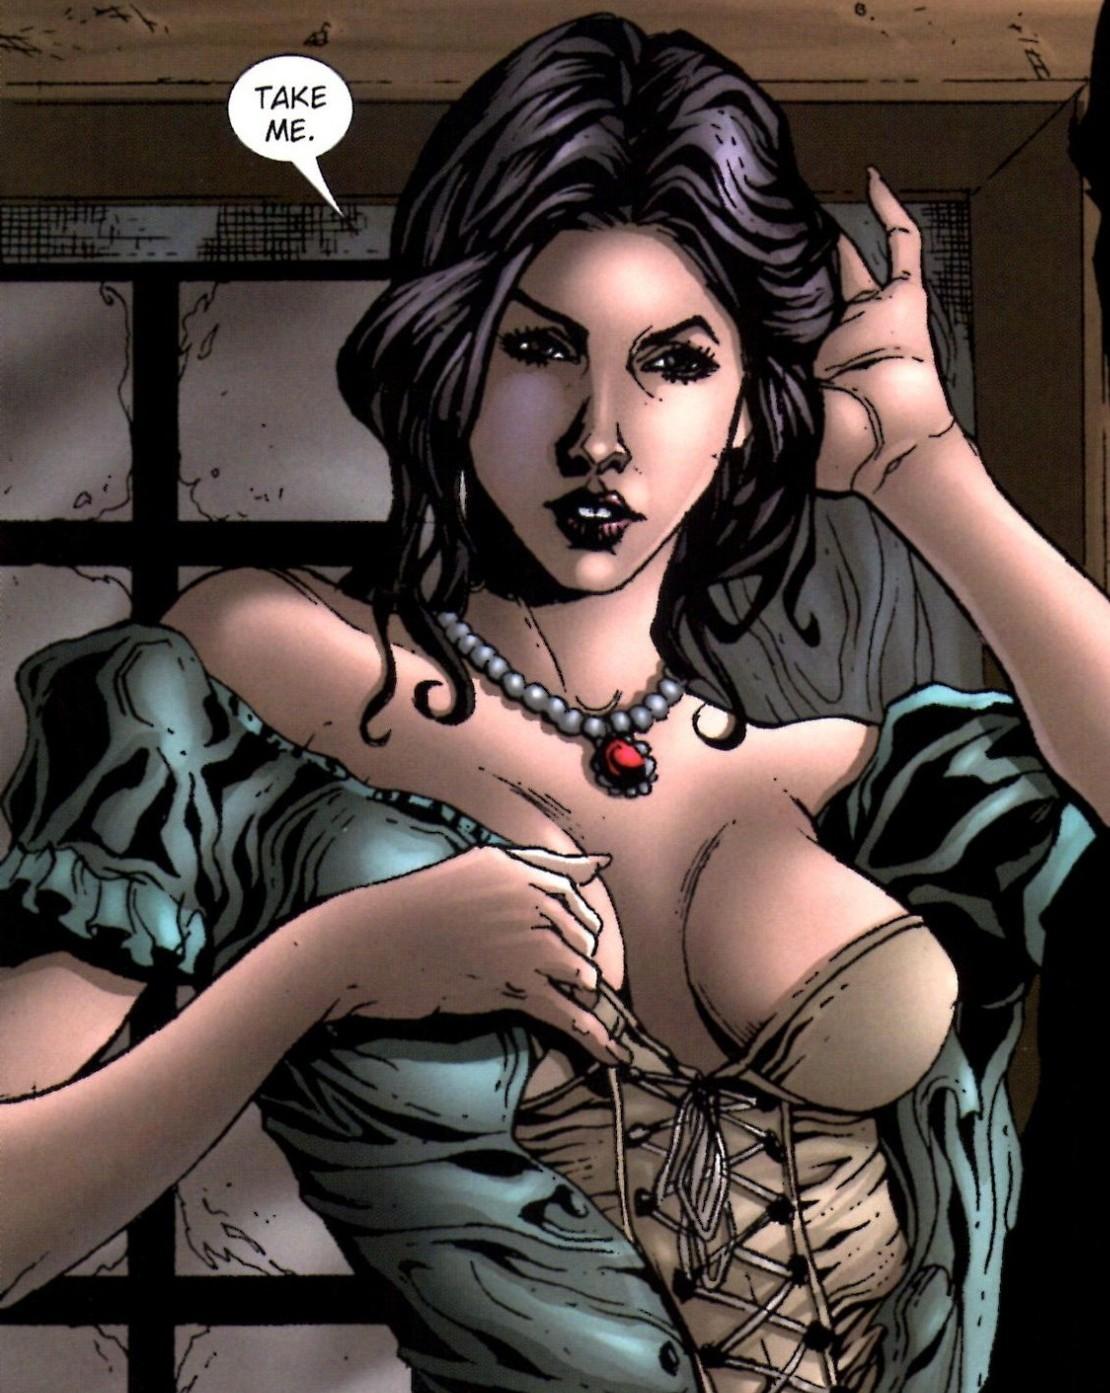 Erotic comic girl wiki